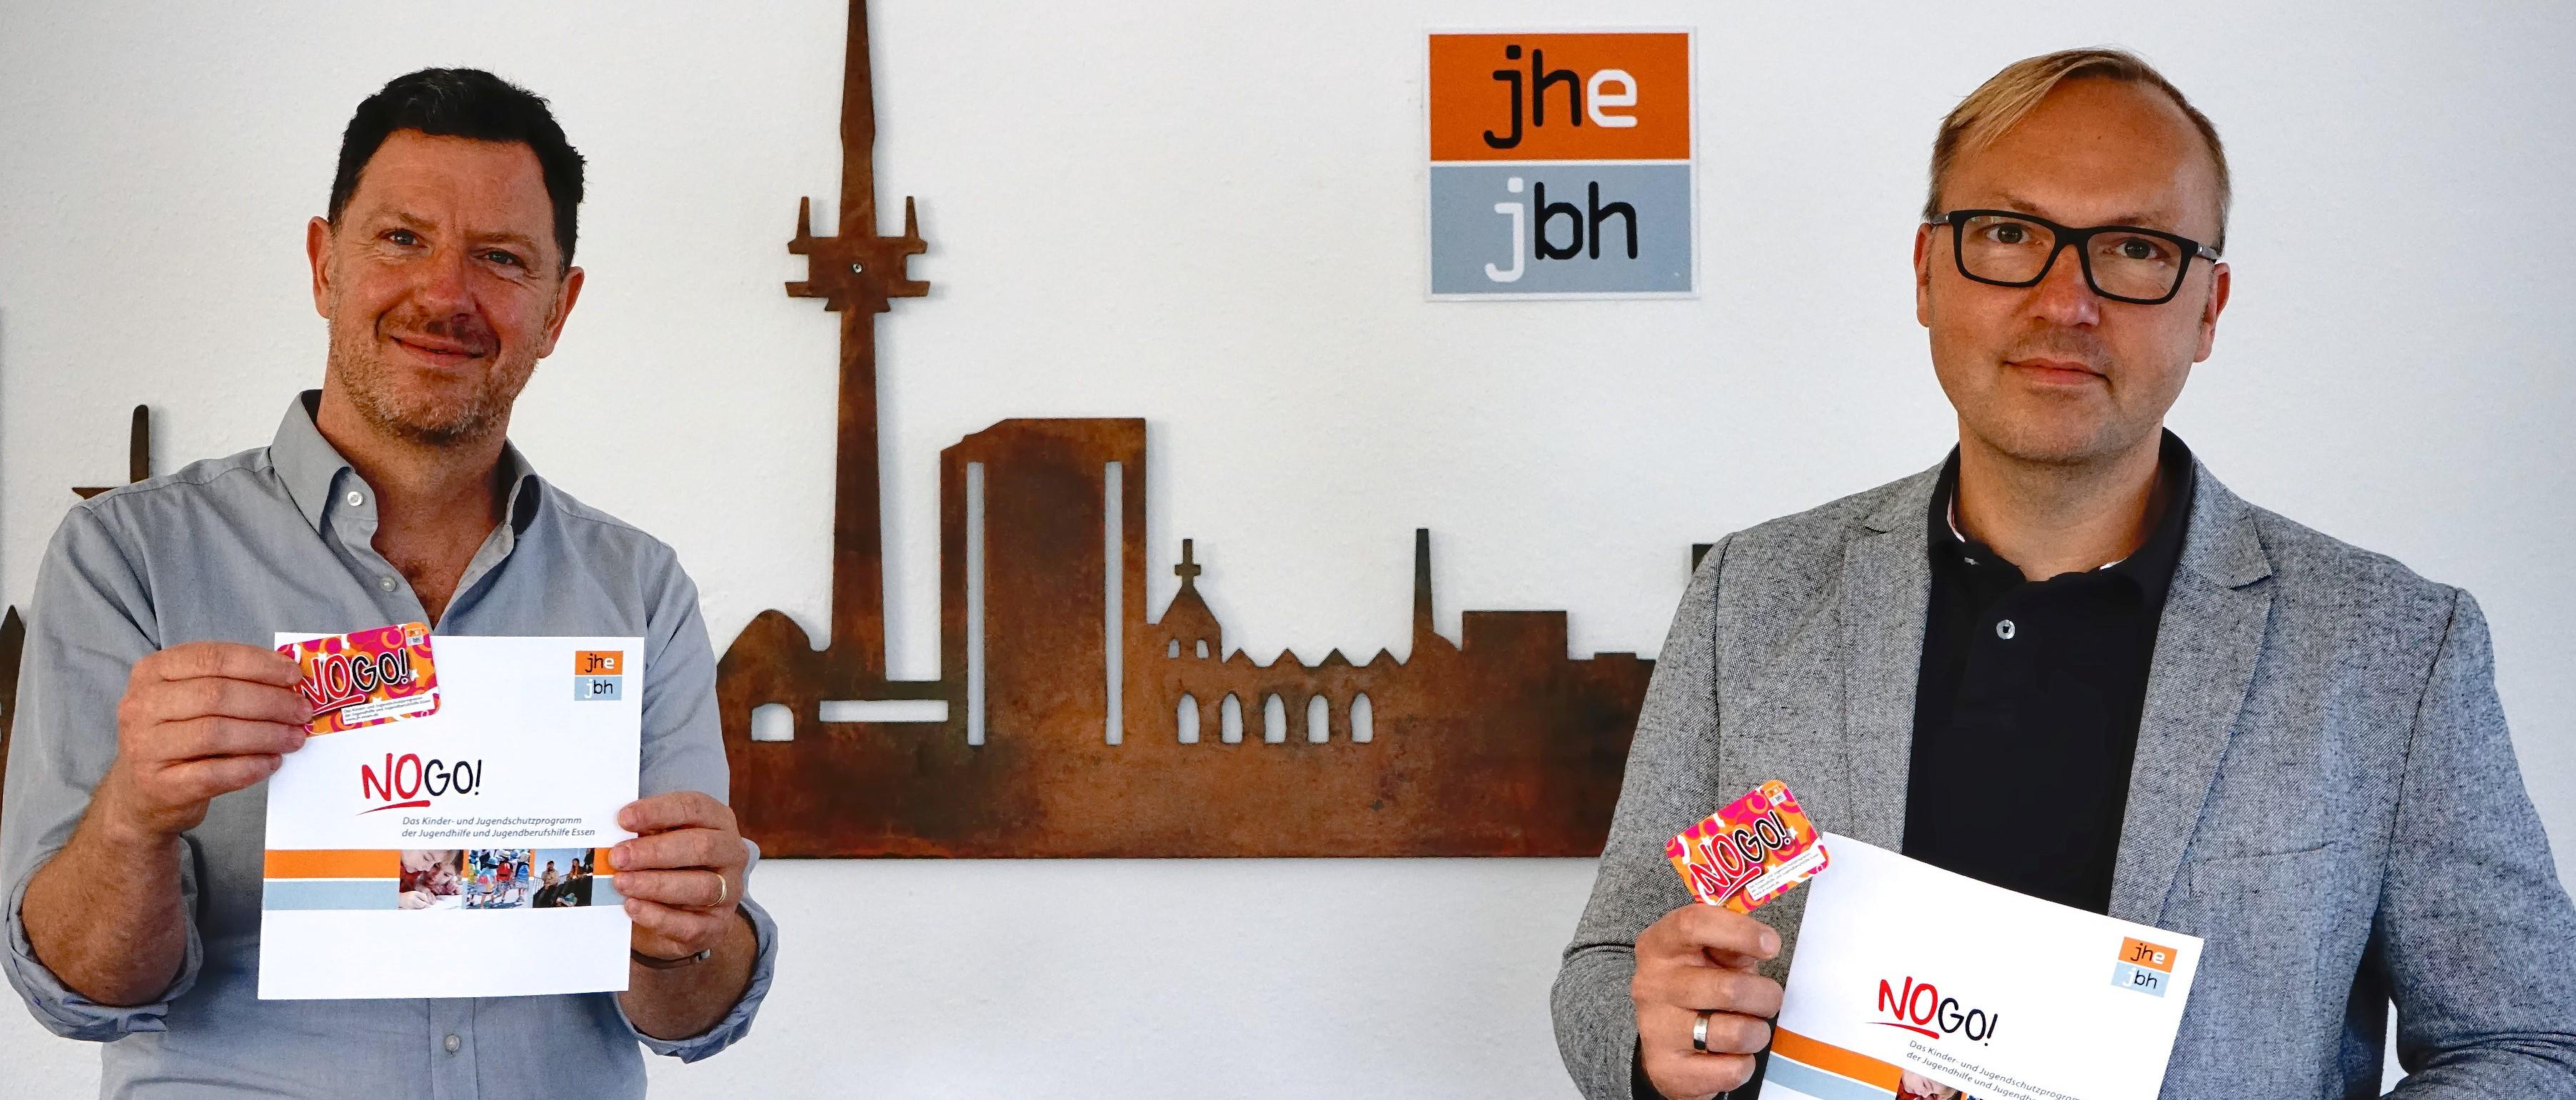 """Für Essener Kinder und Jugendliche: Tani Capitain (li.), Leiter der Essener Chancen, und Thomas Wittke, Geschäftsführer von Jugendhilfe und Jugendberufshilfe Essen, stehen für die Idee des """"NoGo""""-Programms ein. (Foto: Müller/EC)"""